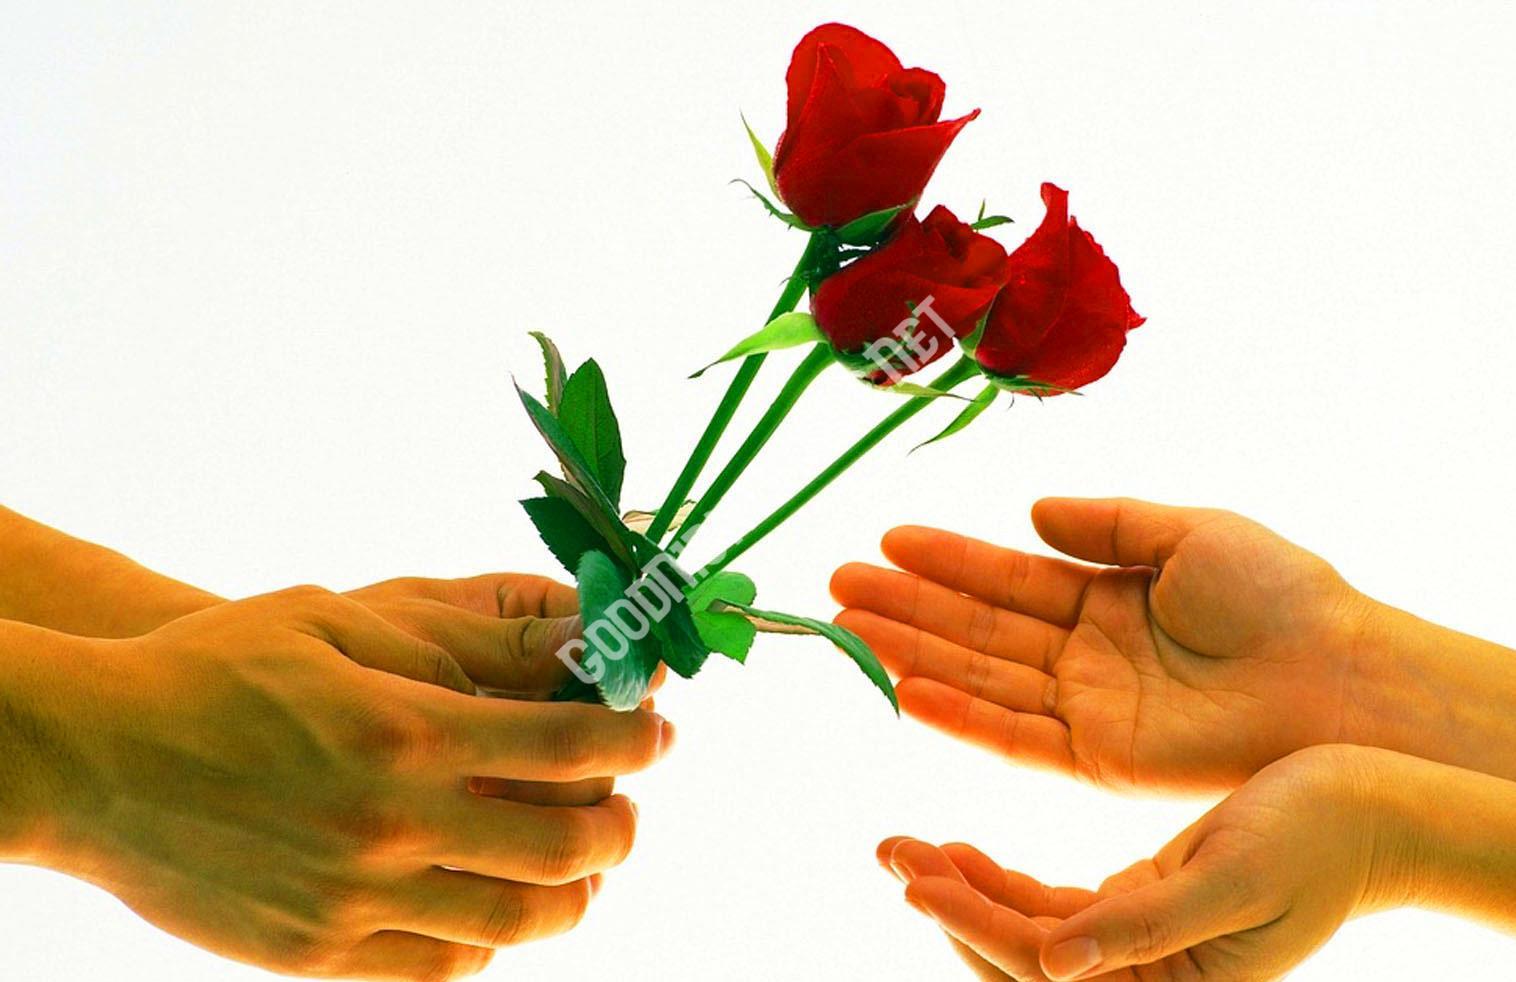 Cute Sad Funny Romantic Lover74